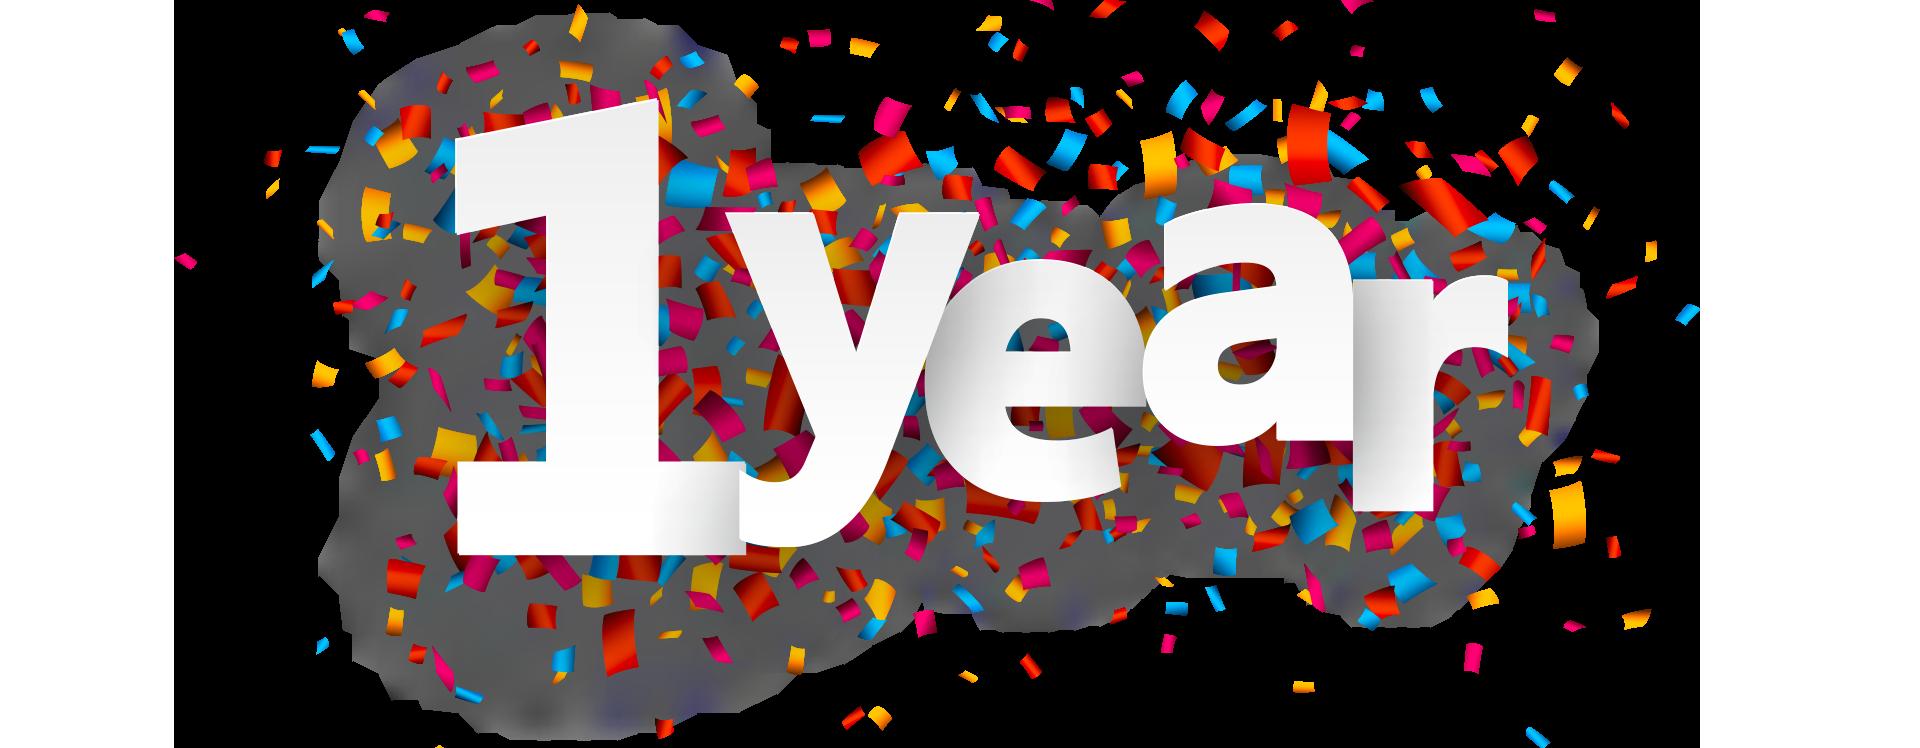 Σας ευχαριστούμε που είστε δίπλα μας: 1 χρόνος lovelarissa.gr!